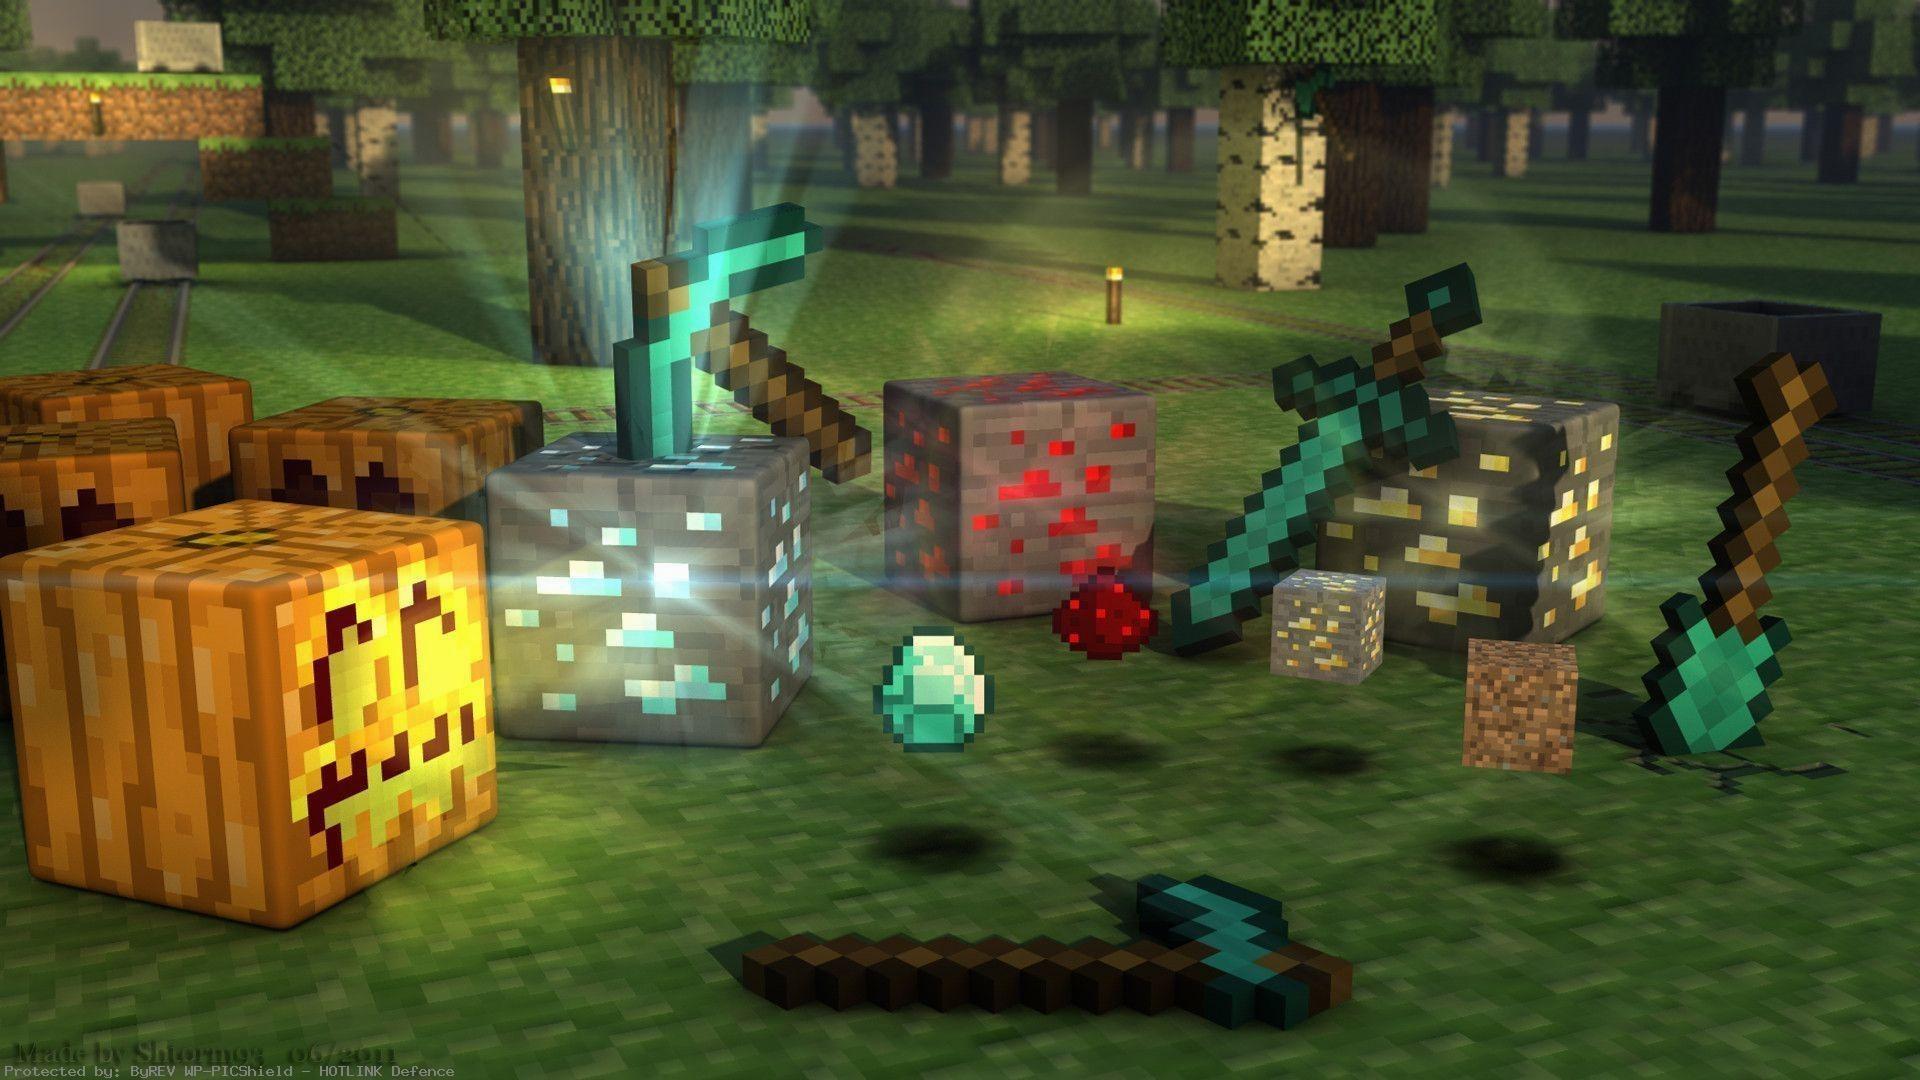 Minecraft HD Wallpaper Images - Minecraft computerspiele